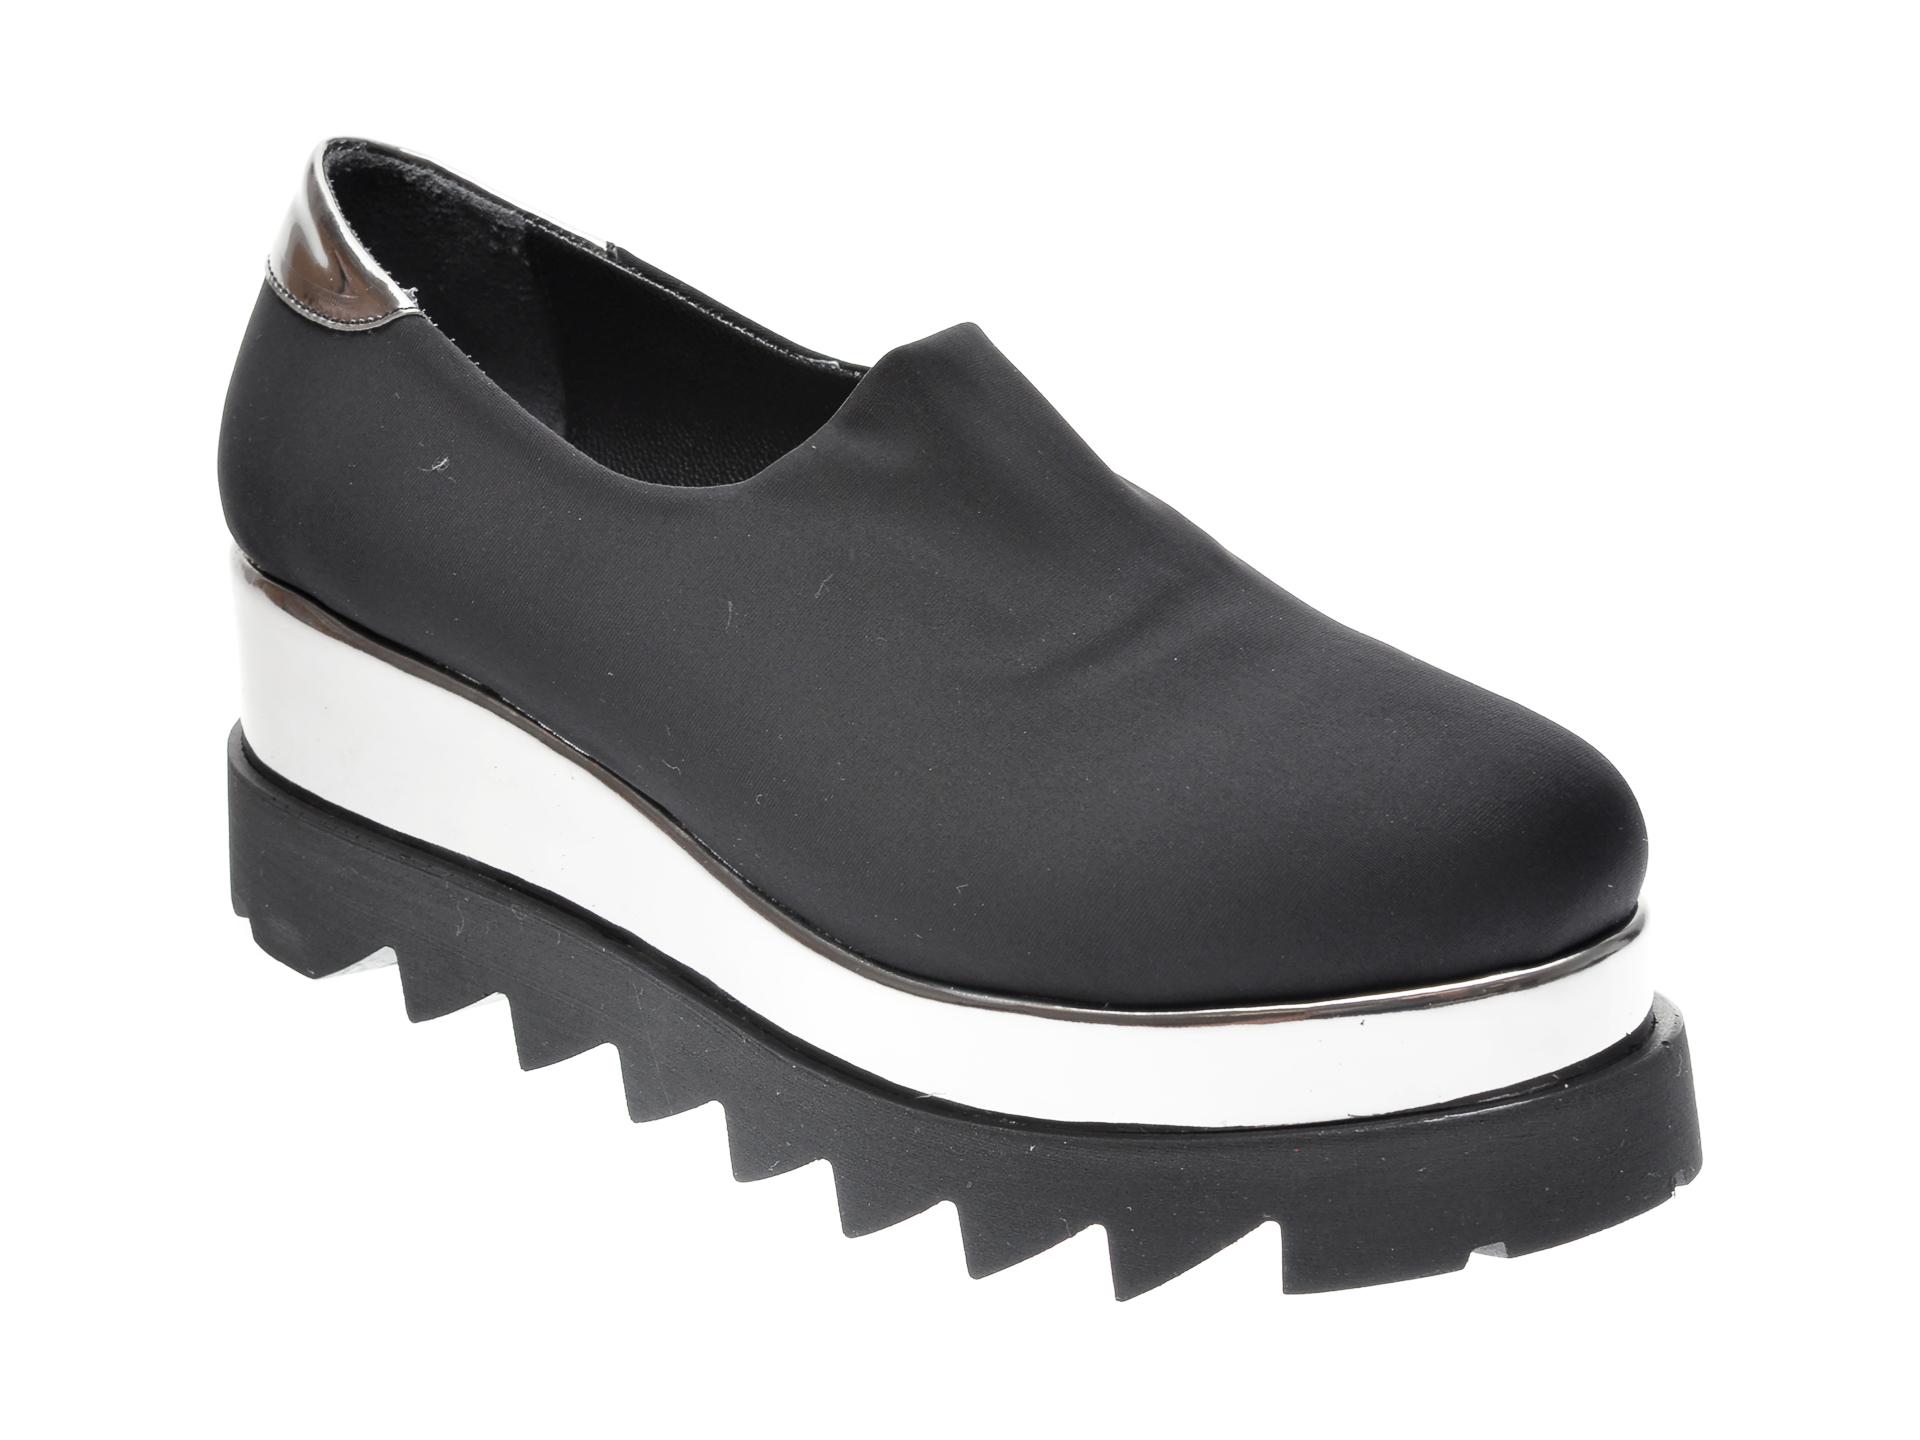 Pantofi FLAVIA PASSINI negri, 1369275, din material textil